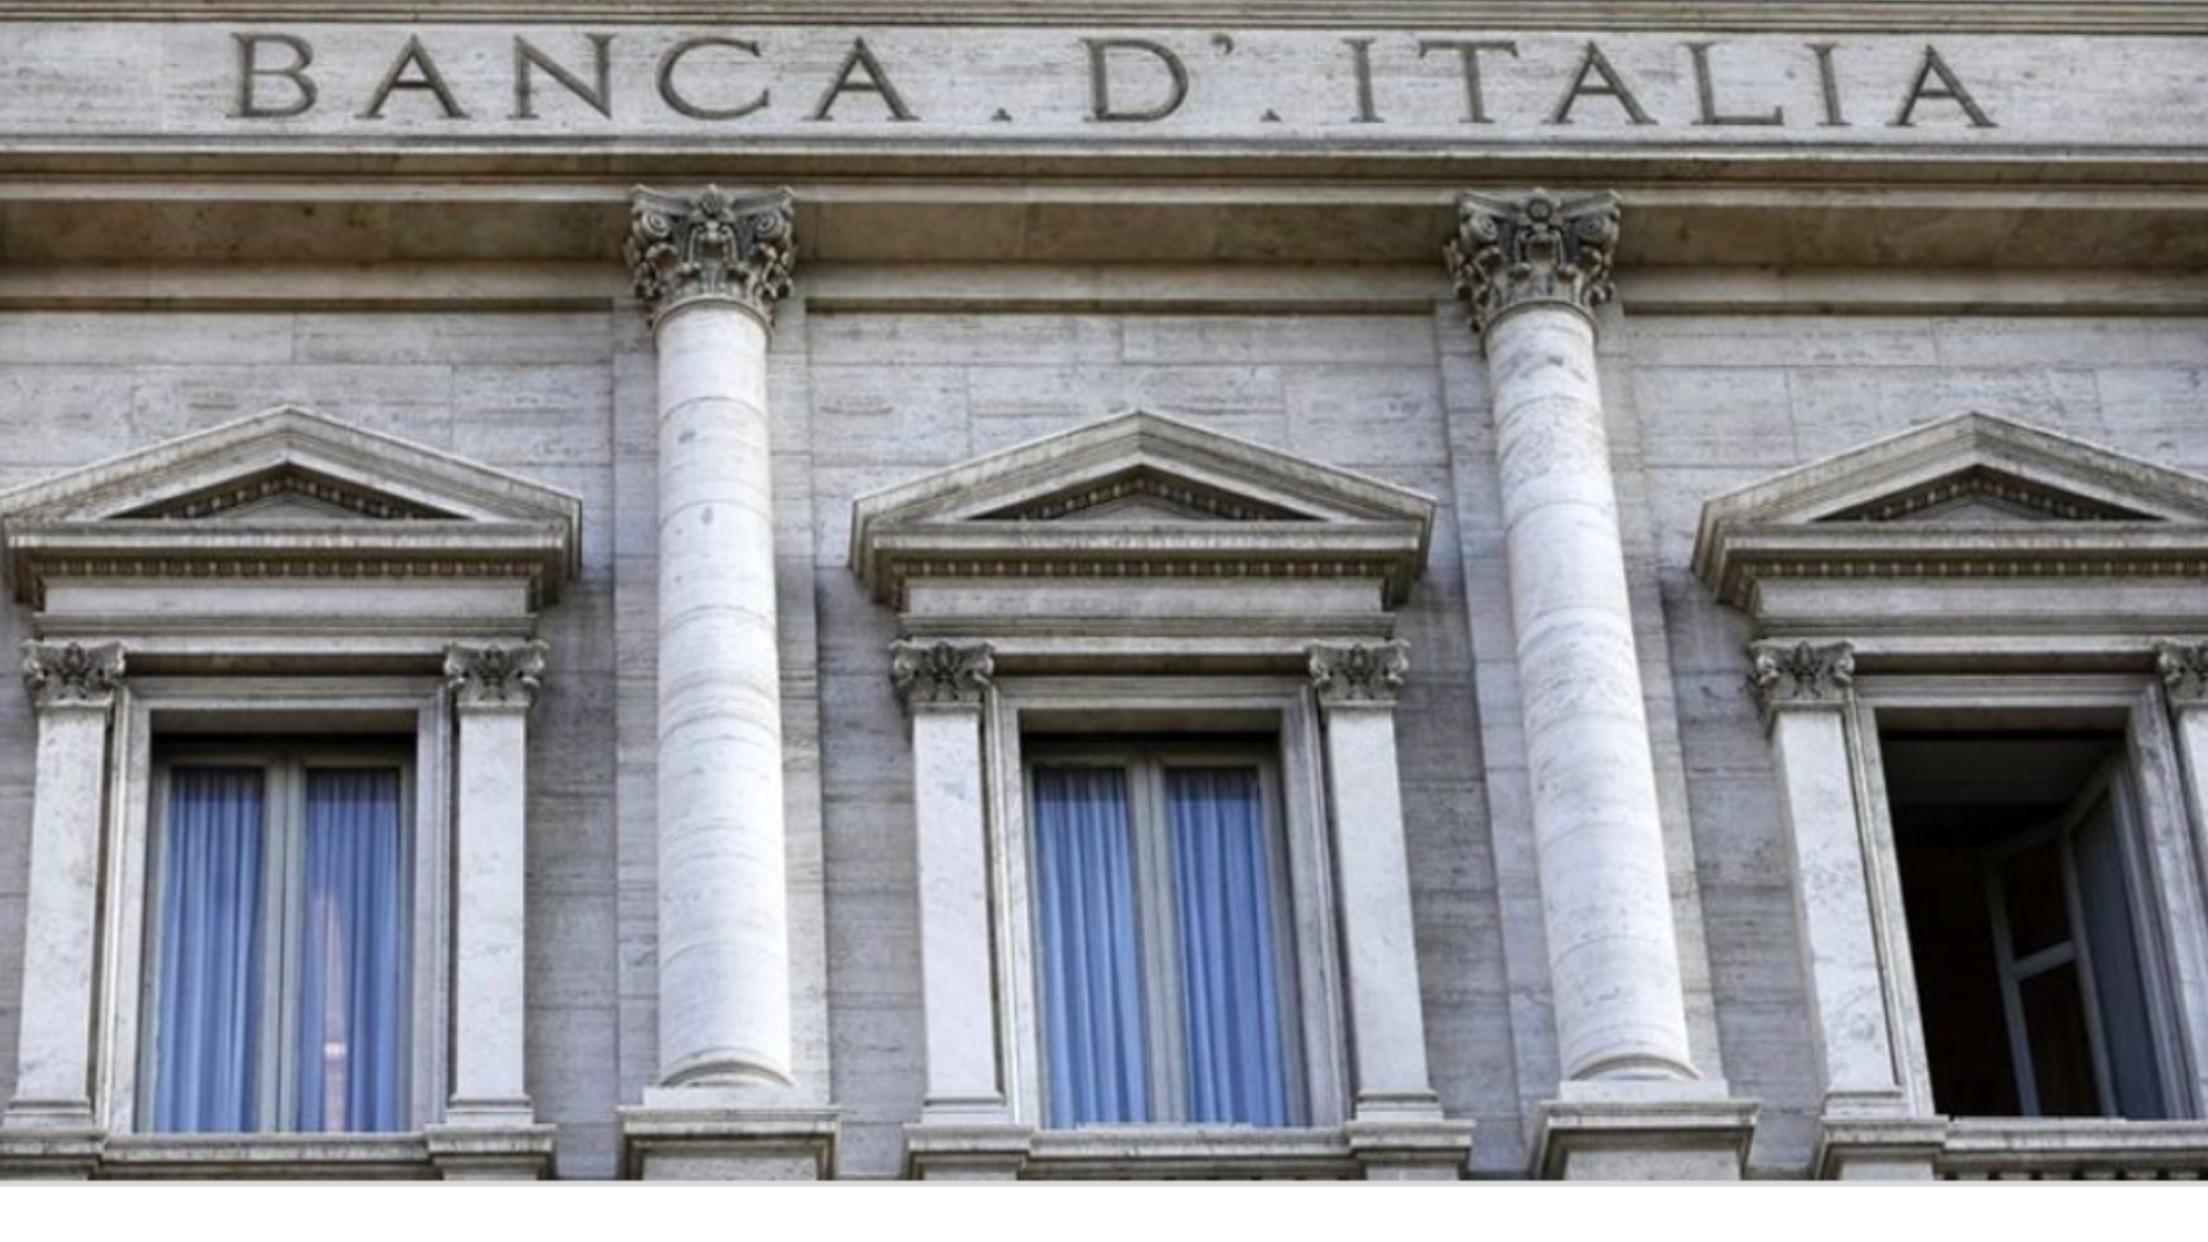 Banche italiane , soldi al sicuro, più che all estero . Grazie a Banca d'Italia Garante da sempre